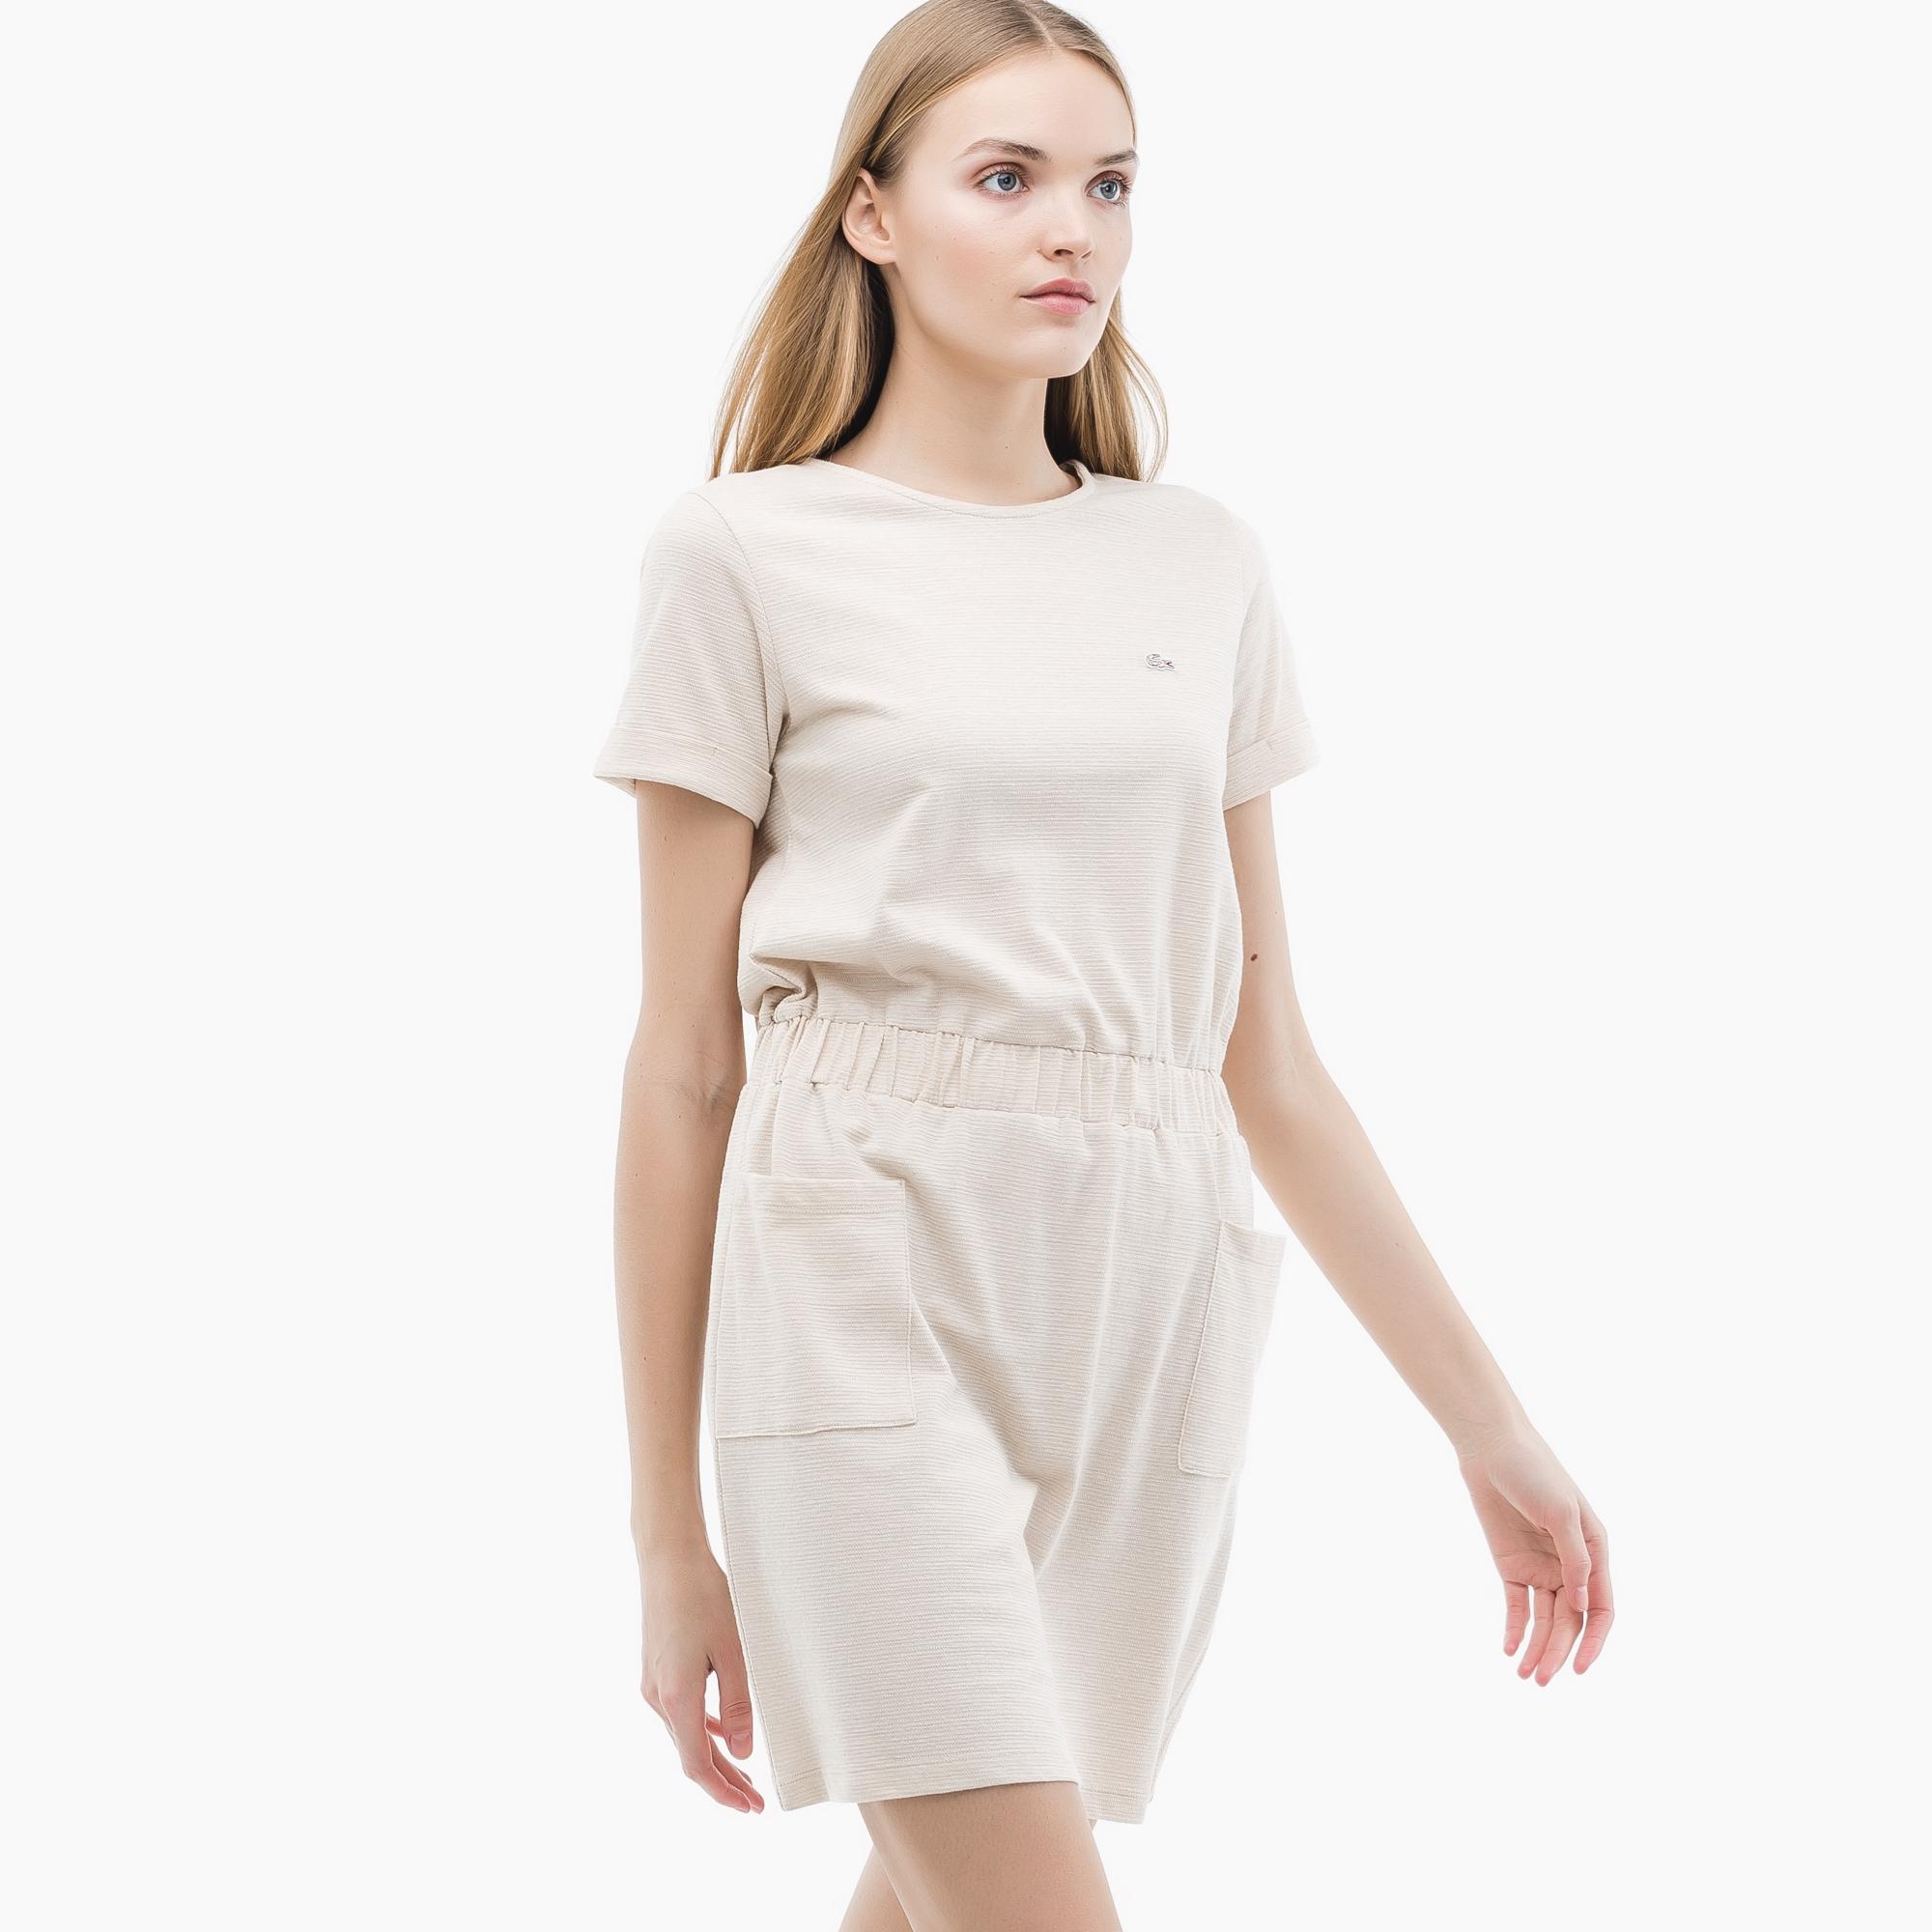 Платье LacosteПлатья и юбки<br>Детали: лаконичное платье с карманами   \ Материал: 75% хлопок 25% полиэстер \ Страна производства: Турция